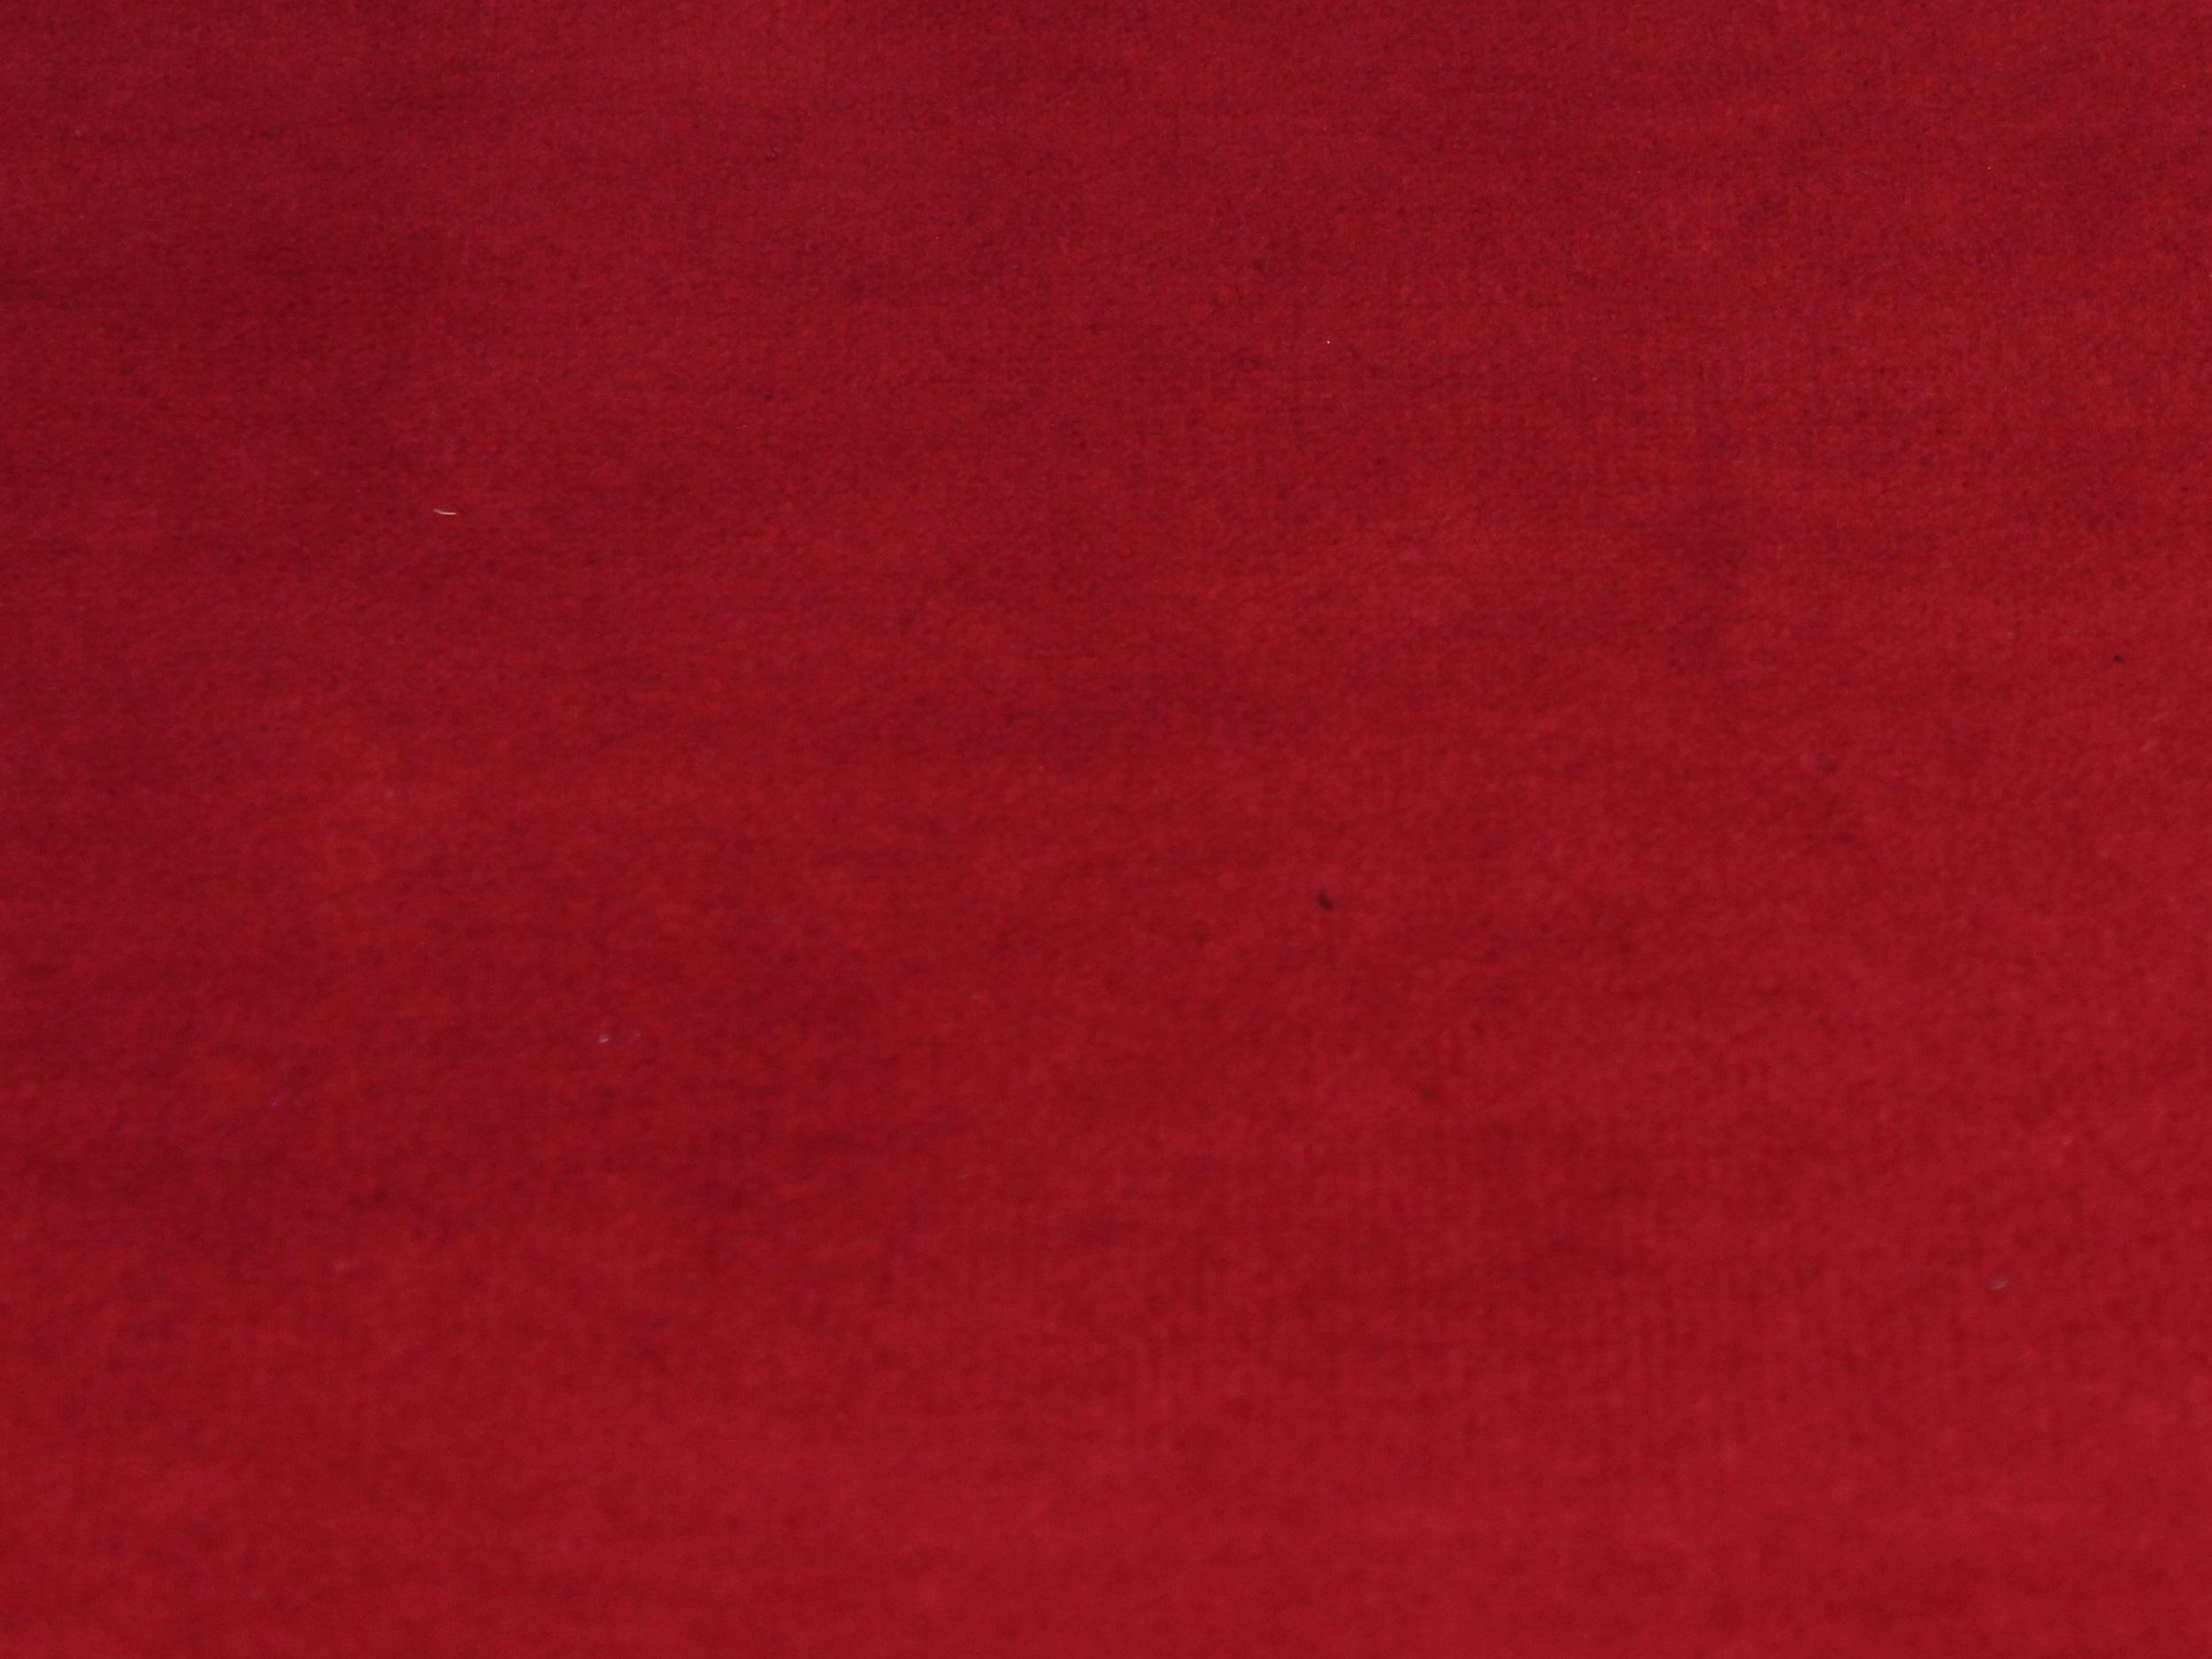 red+velv.jpg